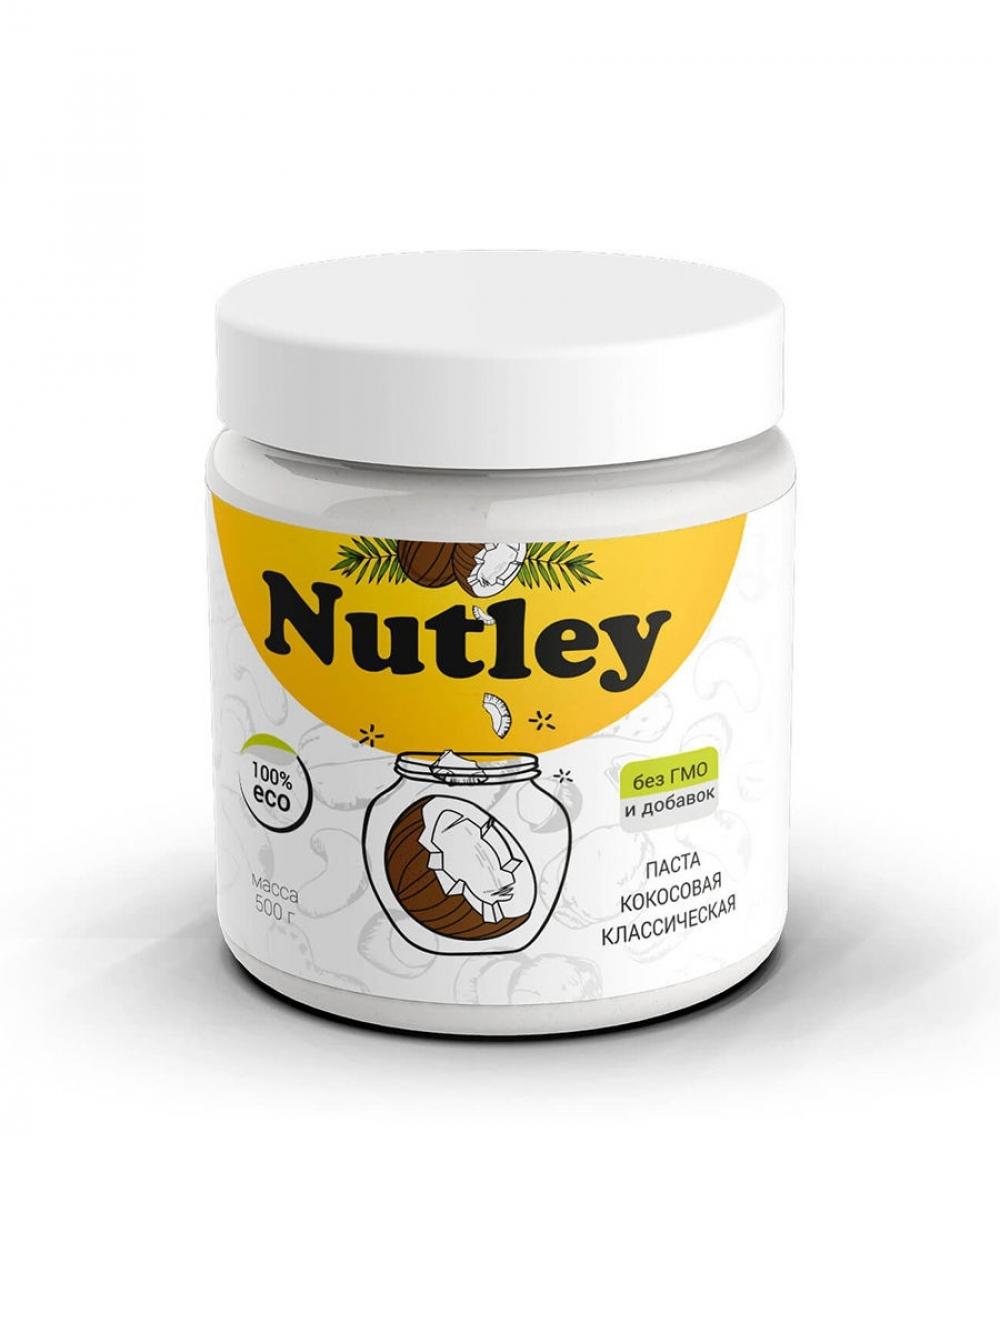 Кокосовая паста Nutley